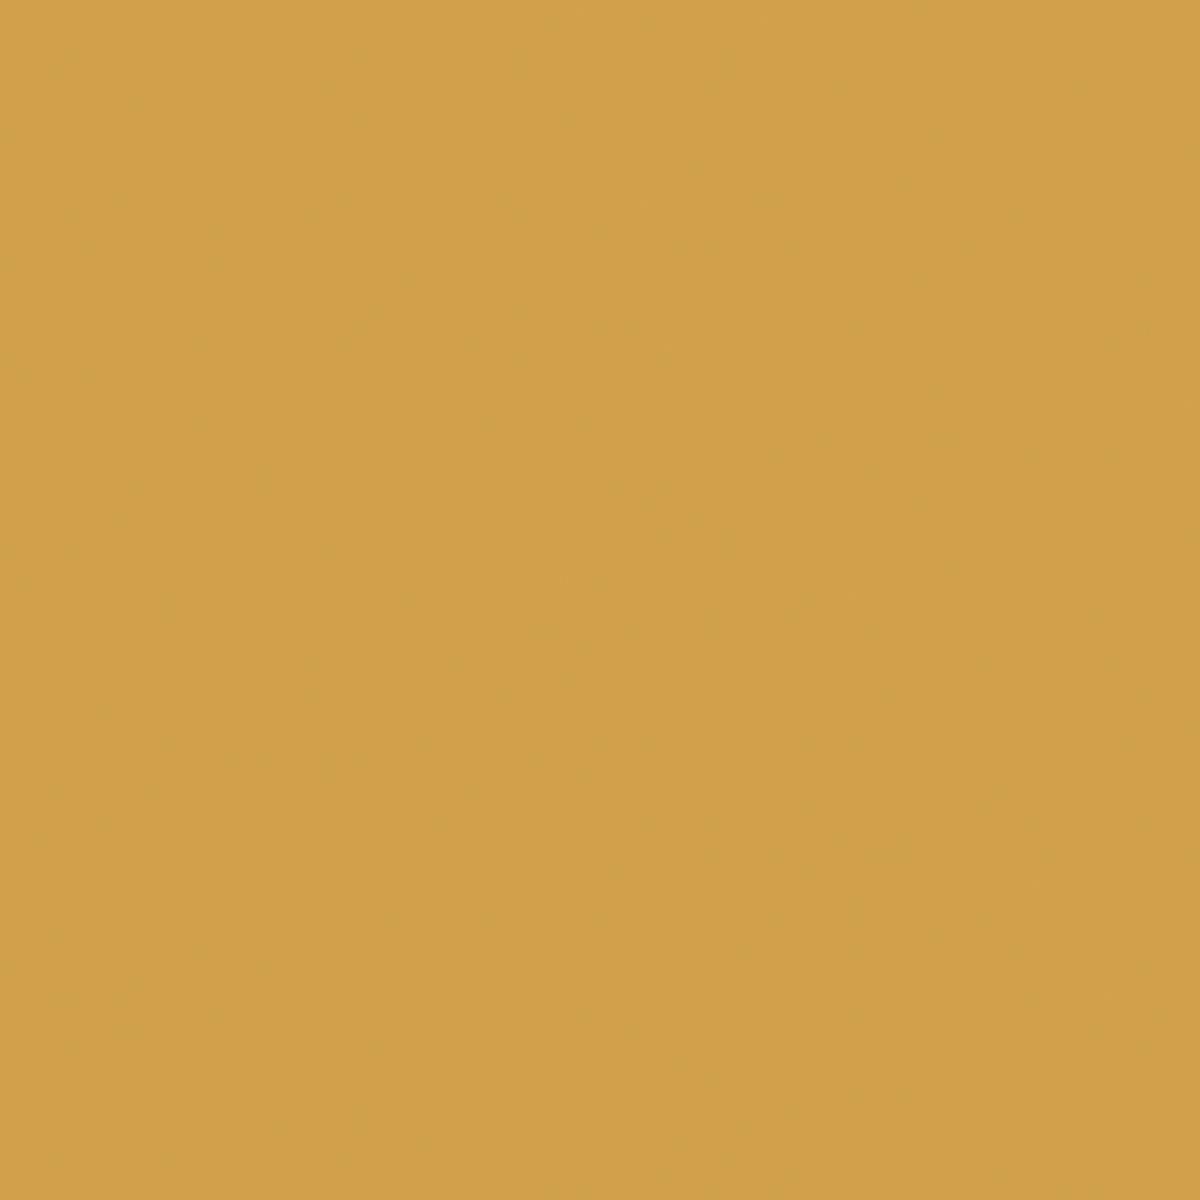 Трехслойные бумажные салфетки изготовлены из экологически чистого, высококачественного сырья - 100% целлюлозы. Салфетки выполнены в оригинальном и современном стиле, прекрасно сочетаются с любым интерьером и всегда будут прекрасным и незаменимым украшением стола.